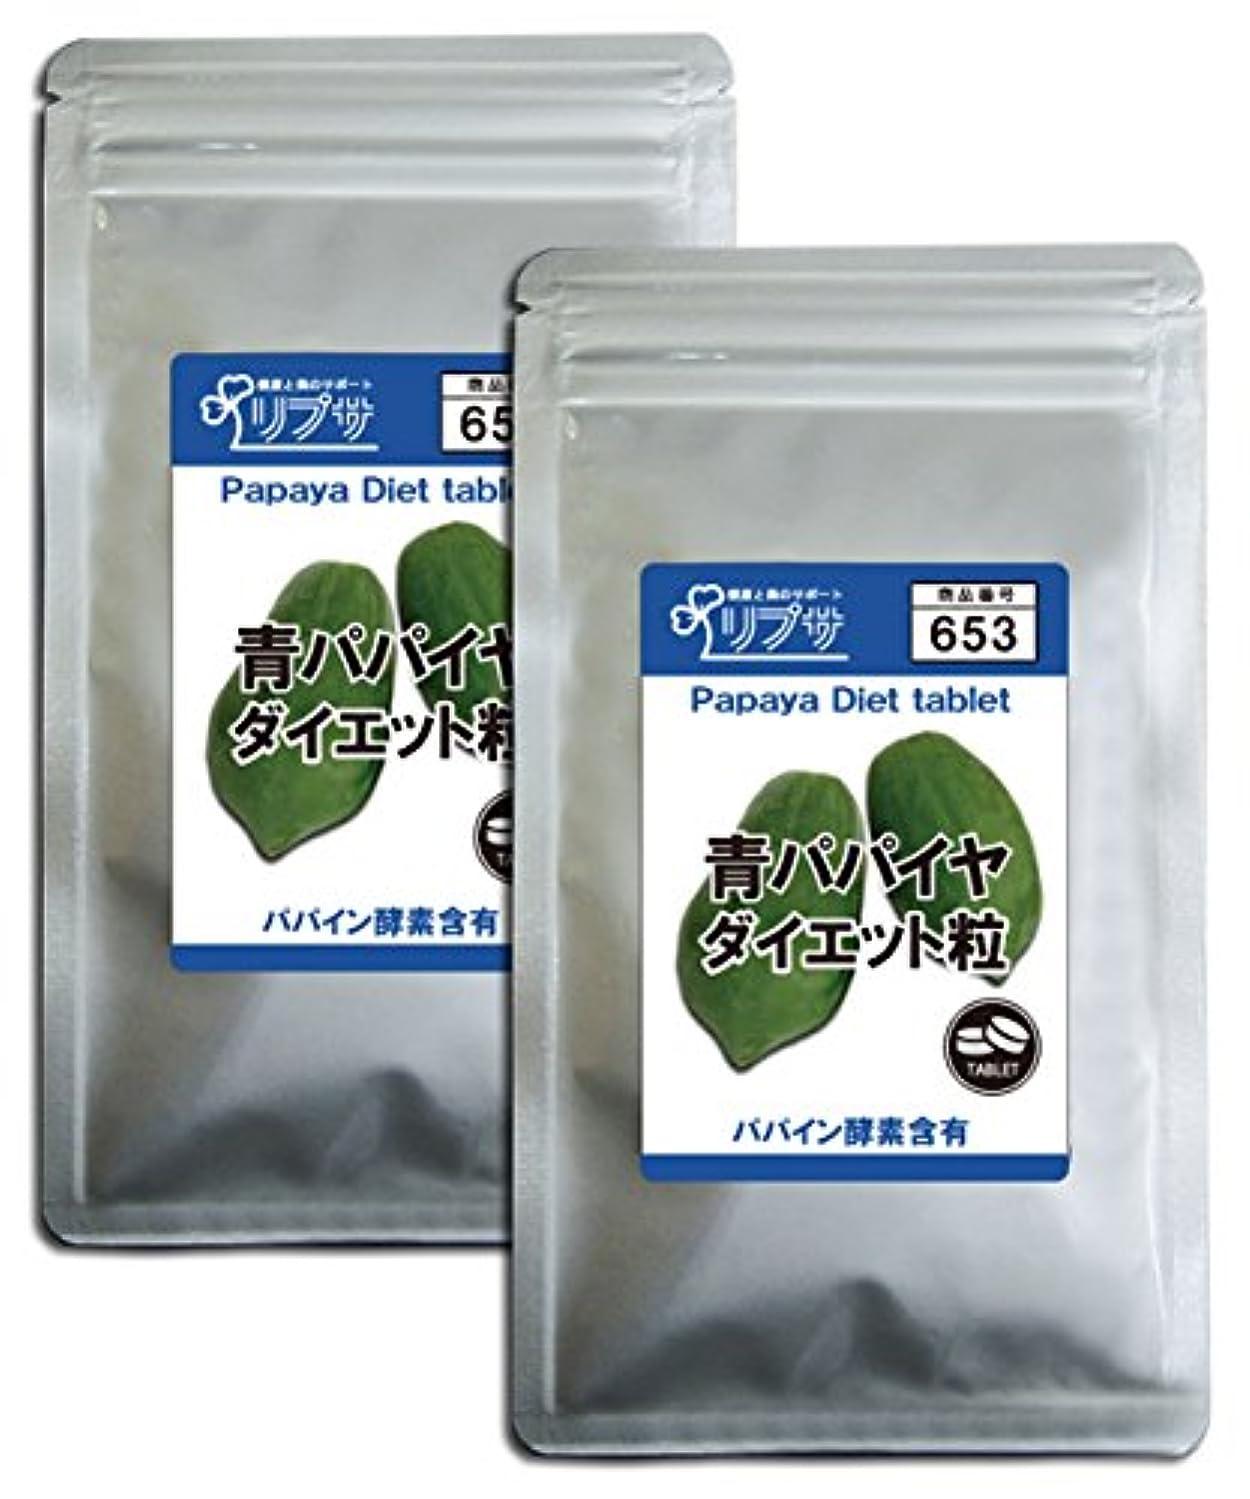 ガイドライン不良品モック青パパイヤダイエット粒 約3か月分×2袋 T-653-2